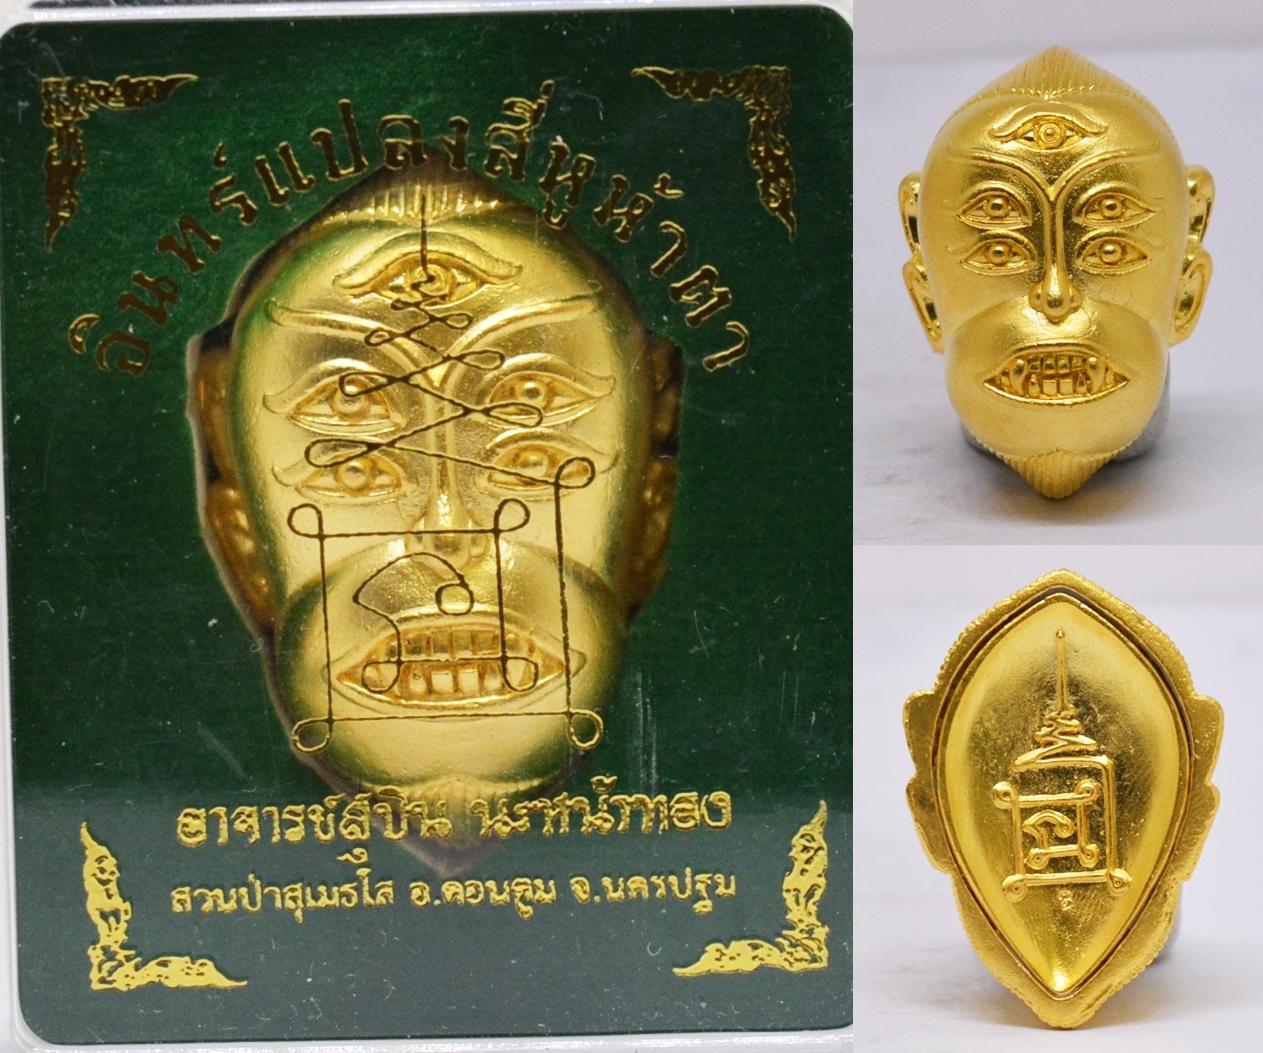 เทพอินทร์แปลงสี่หูห้าตา หน้าลิง เนื้อสัมฤทธิ์ชุบทอง อาจารย์สุบิน นะหน้าทอง 2556